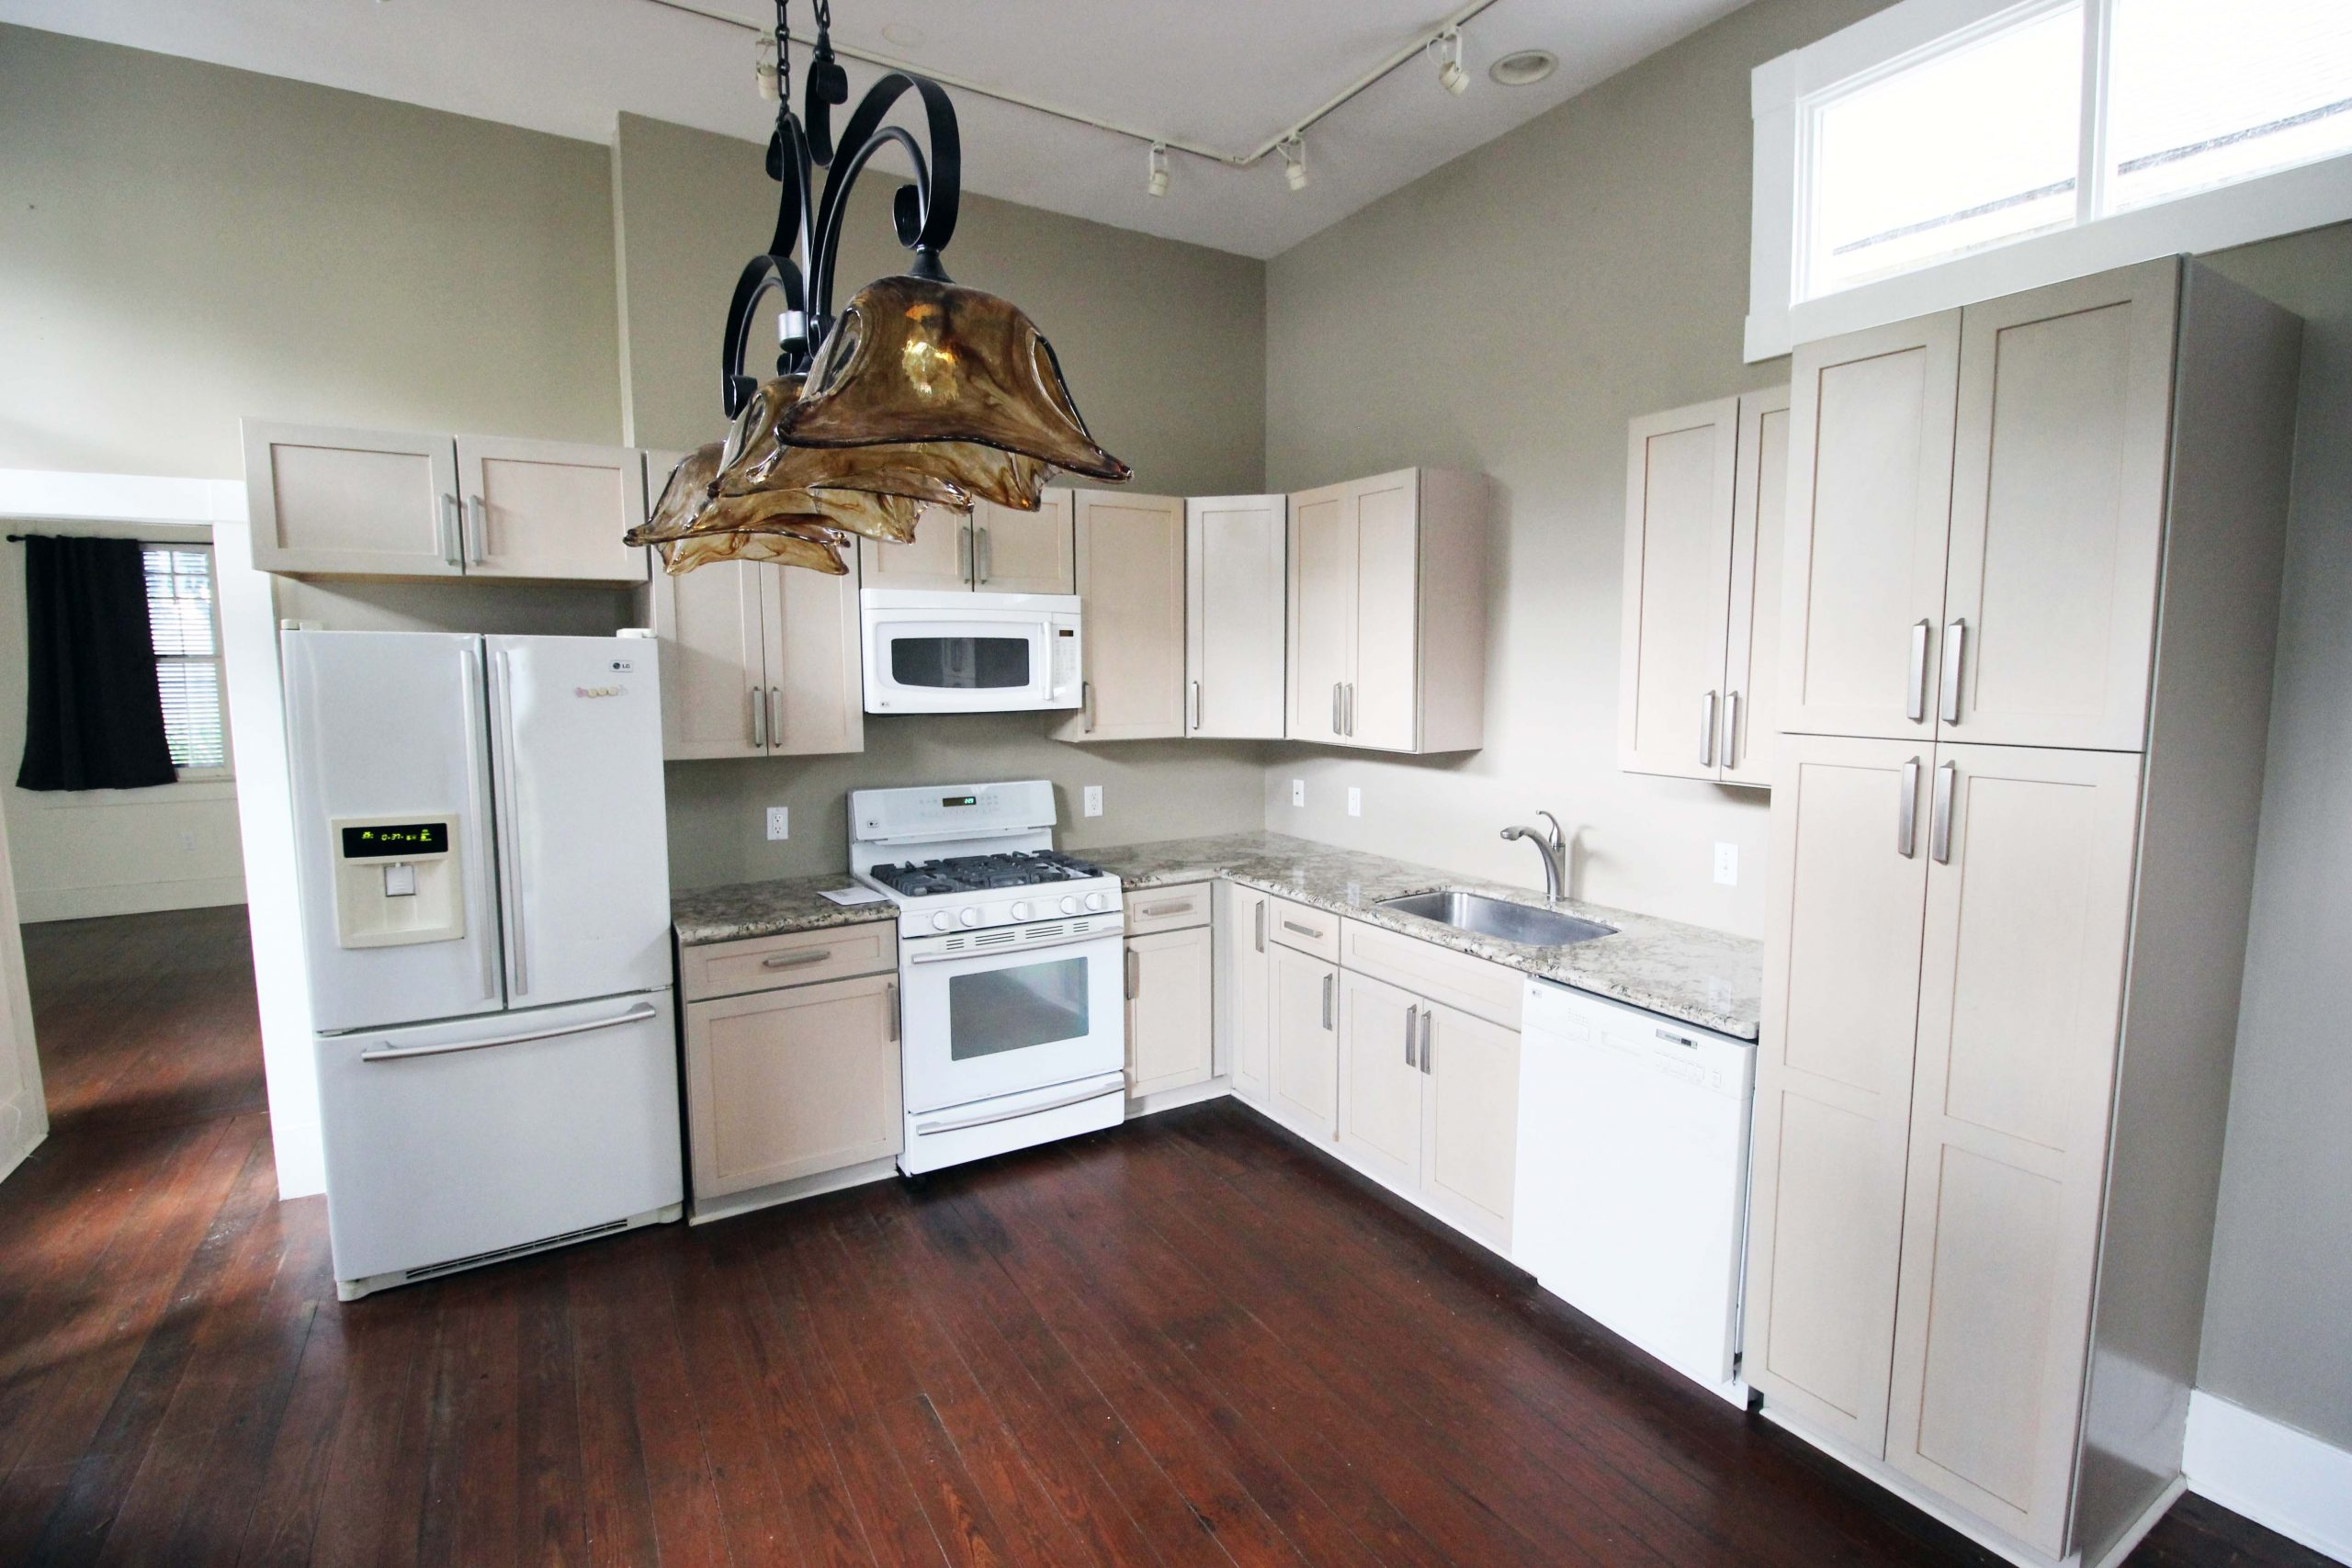 Property Management New Orleans LA